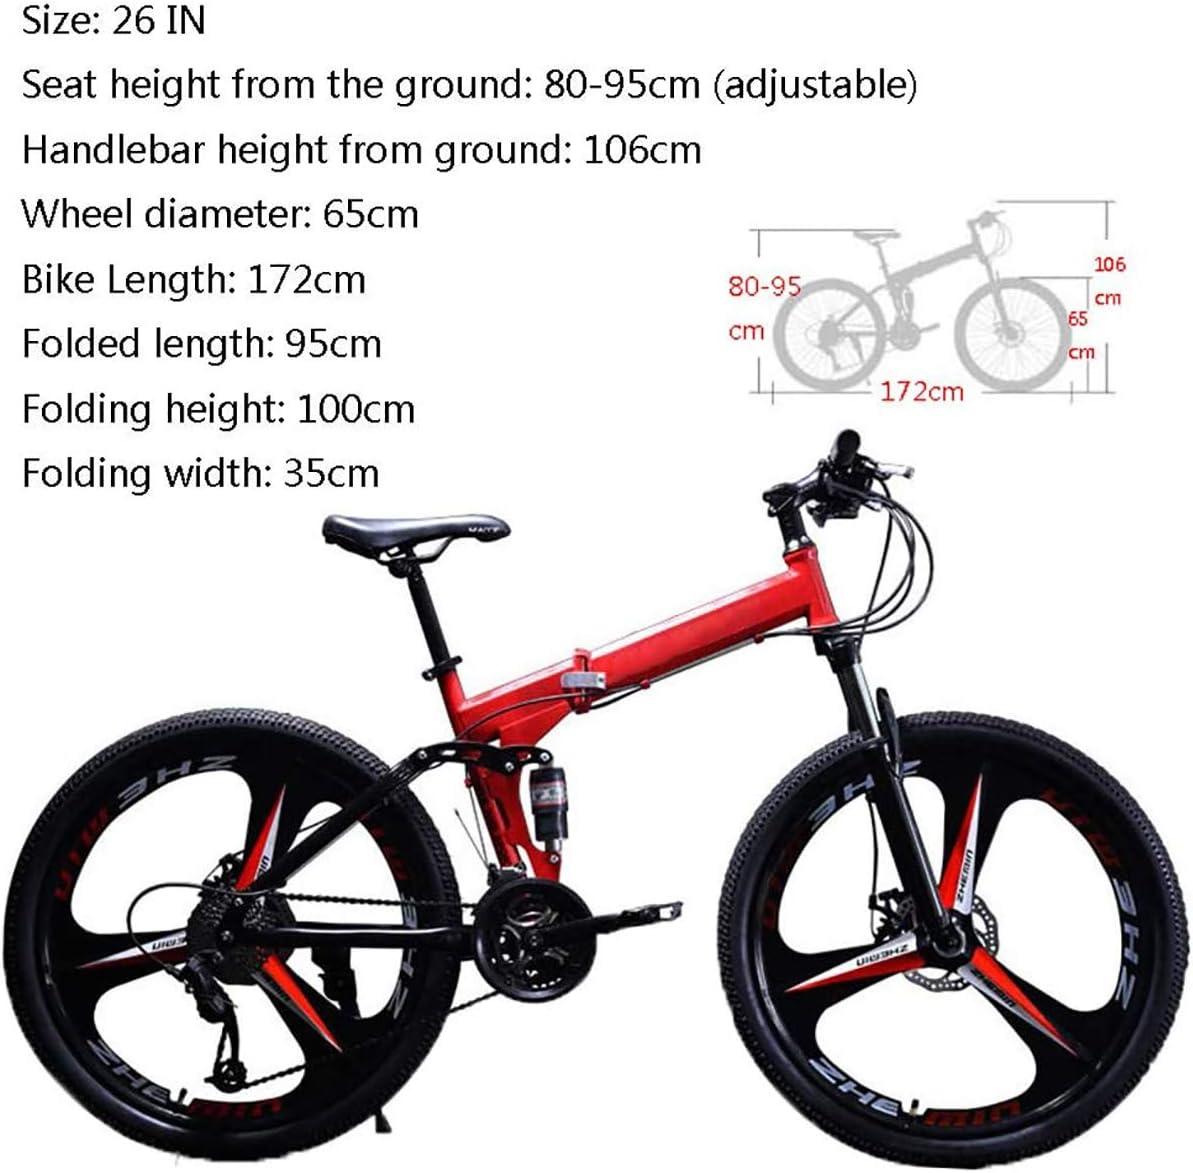 STRTG Bikes Bicicleta Plegable, Adultos Plegable Montaña Bicicleta ...